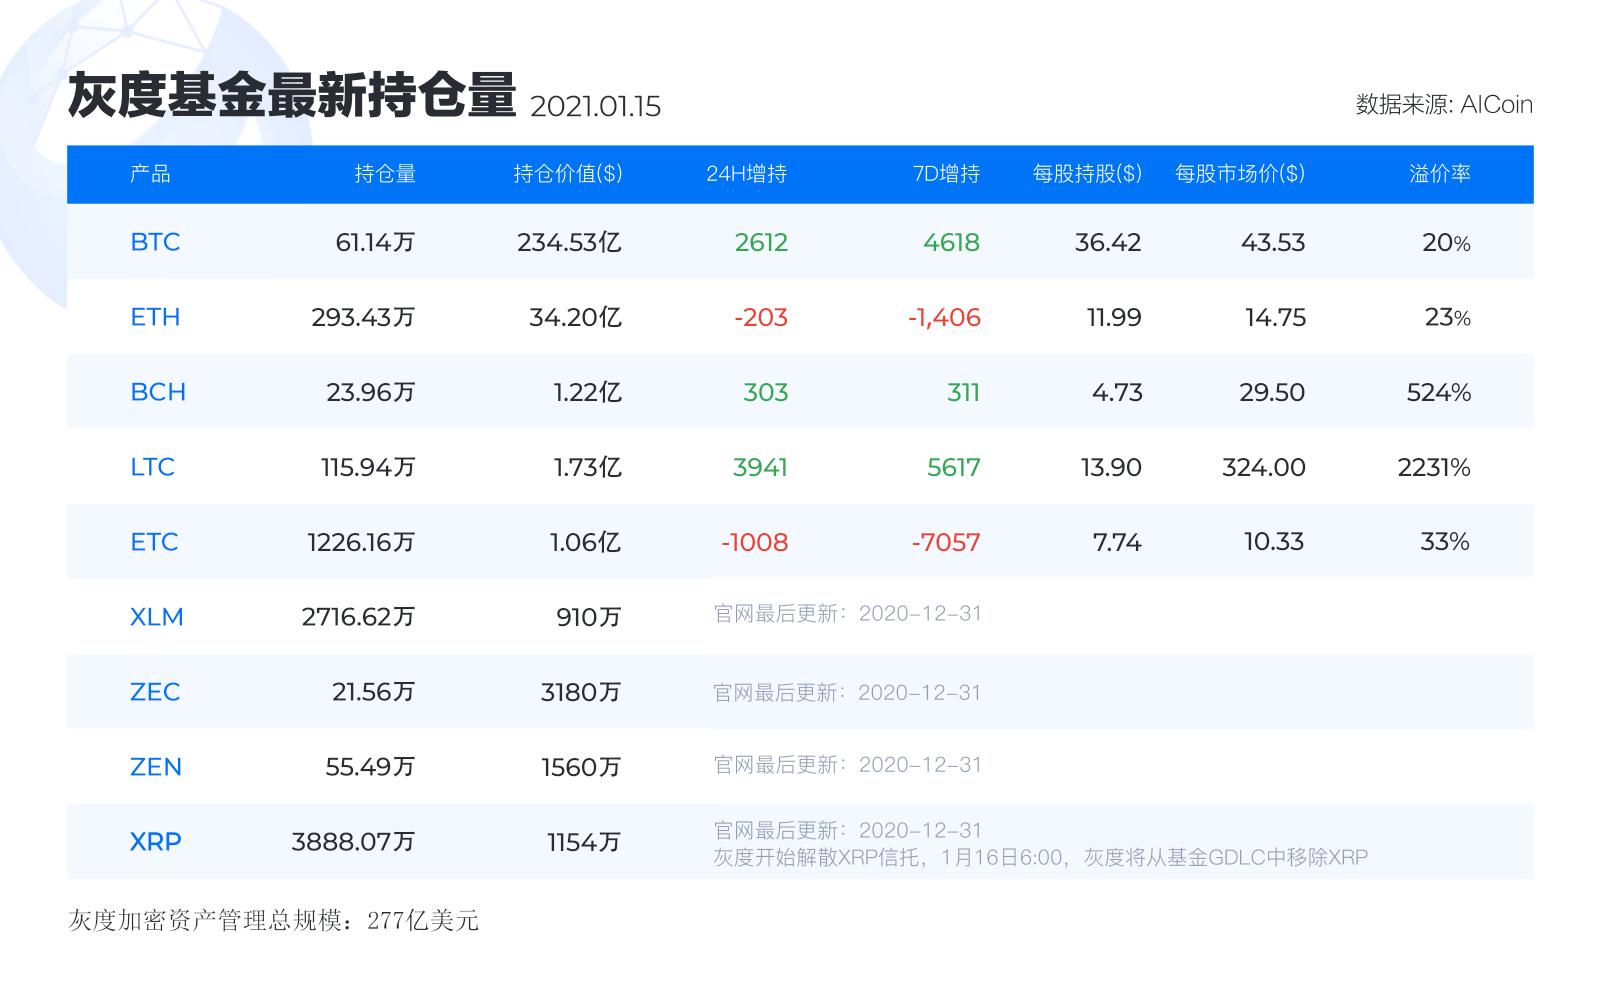 灰度基金最新持仓丨1月15日_aicoin_图1